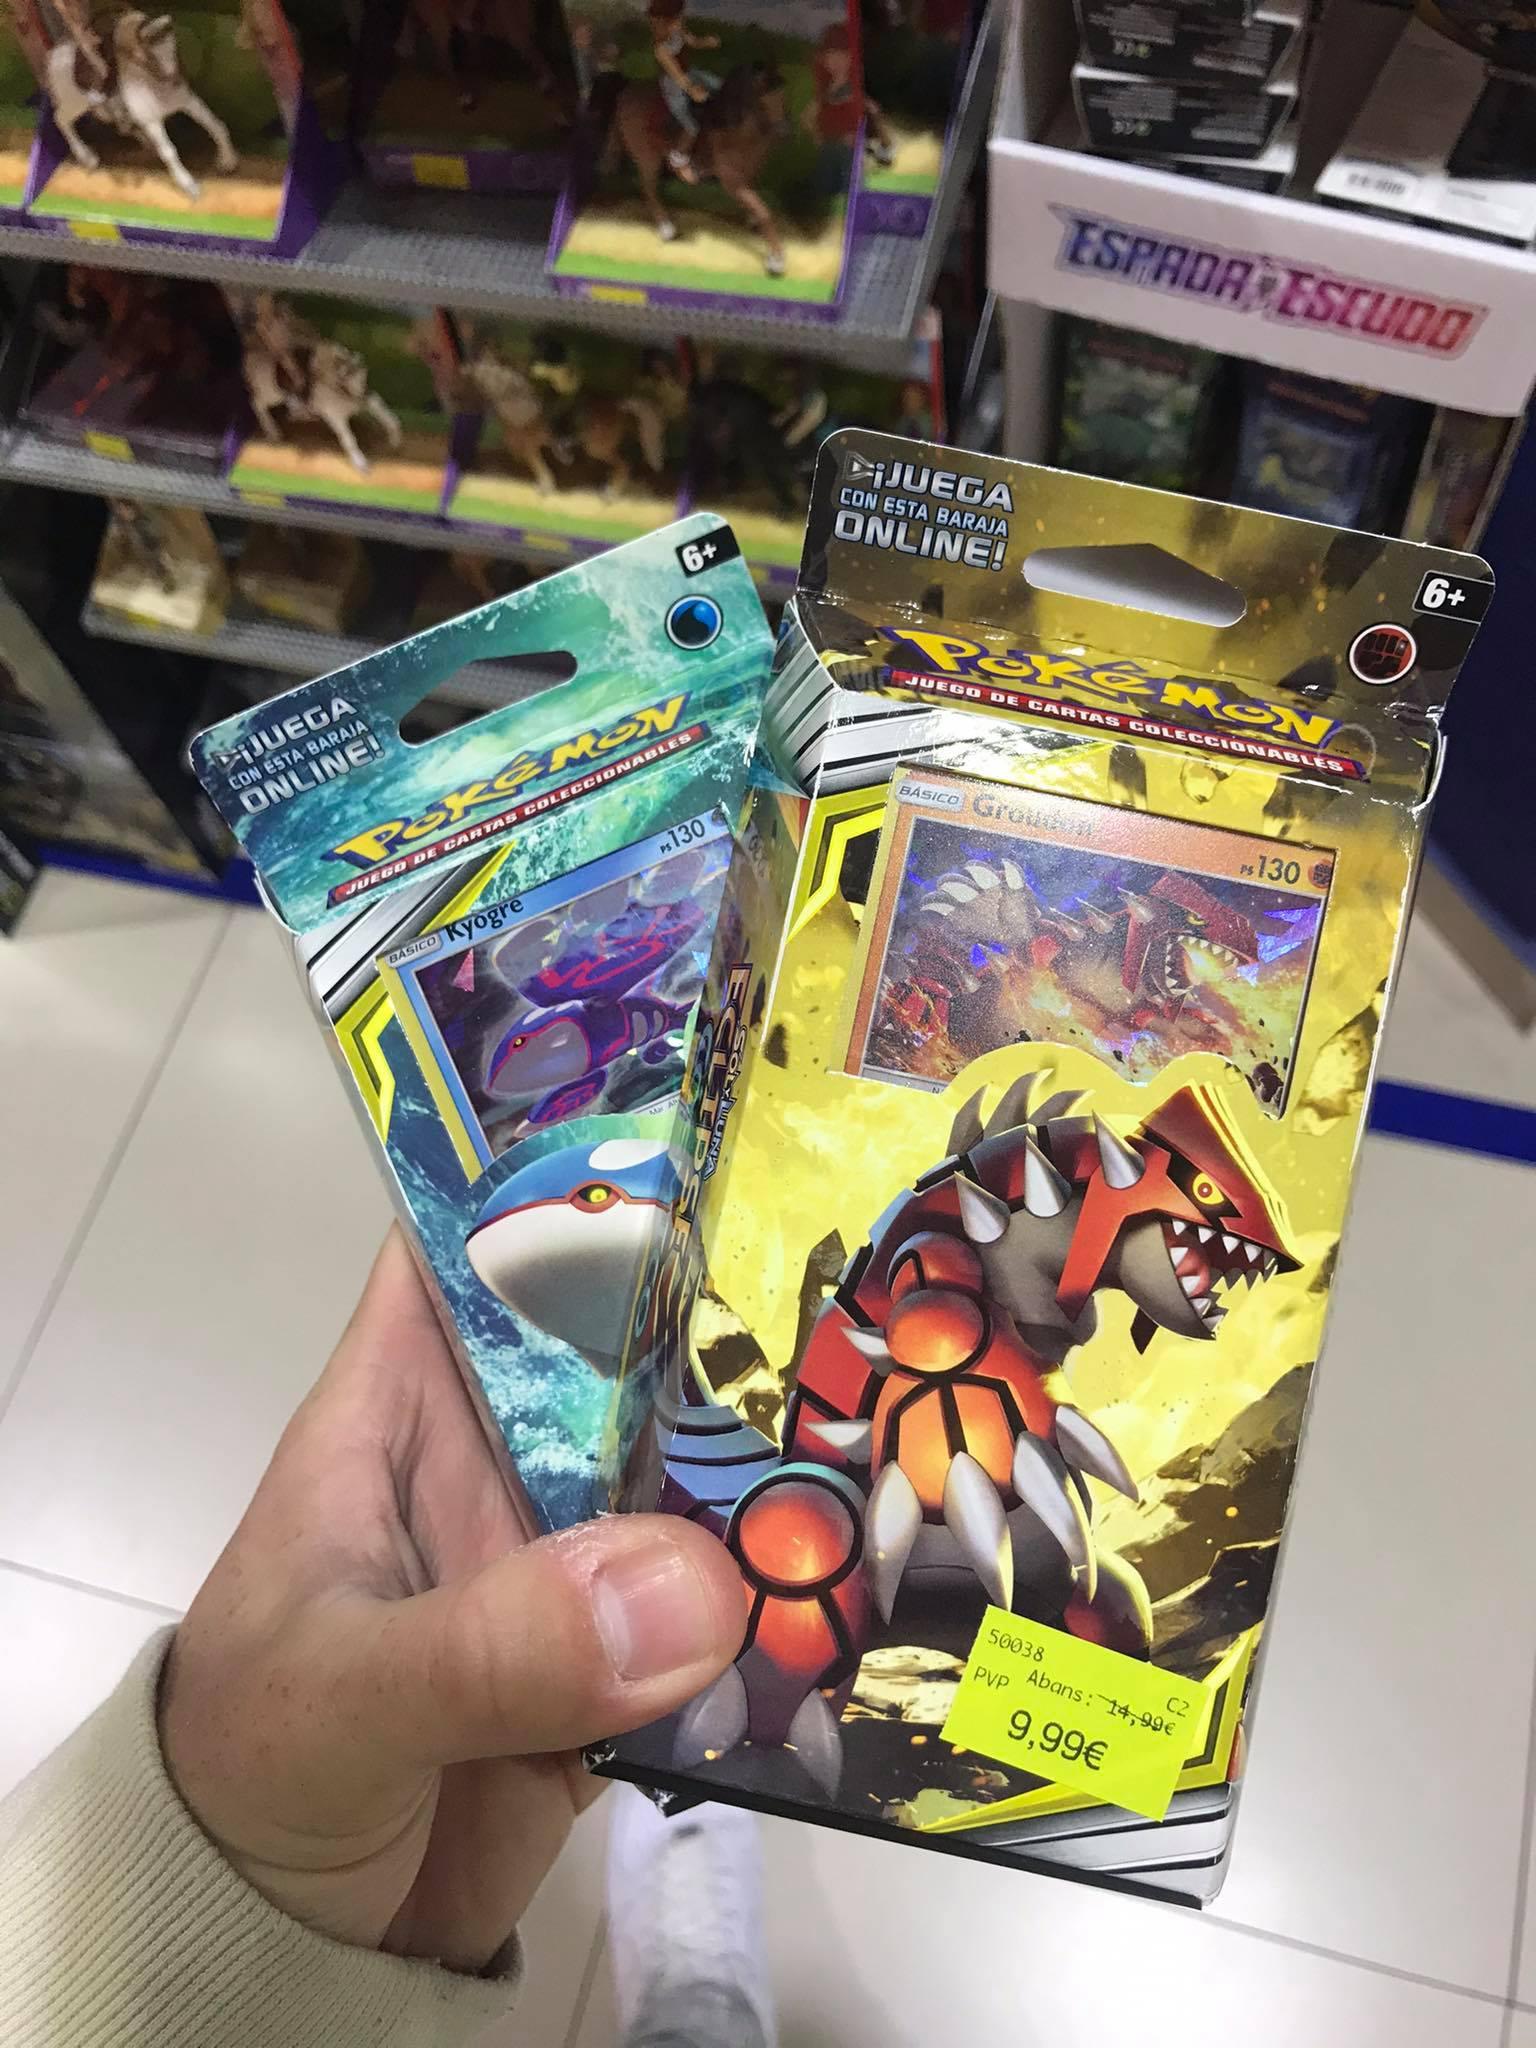 Baraja cartas Pokémon Groudon / Kyogre Sol y Luna-Eclipse Cósmico 9,99€ en Drim CC Splau